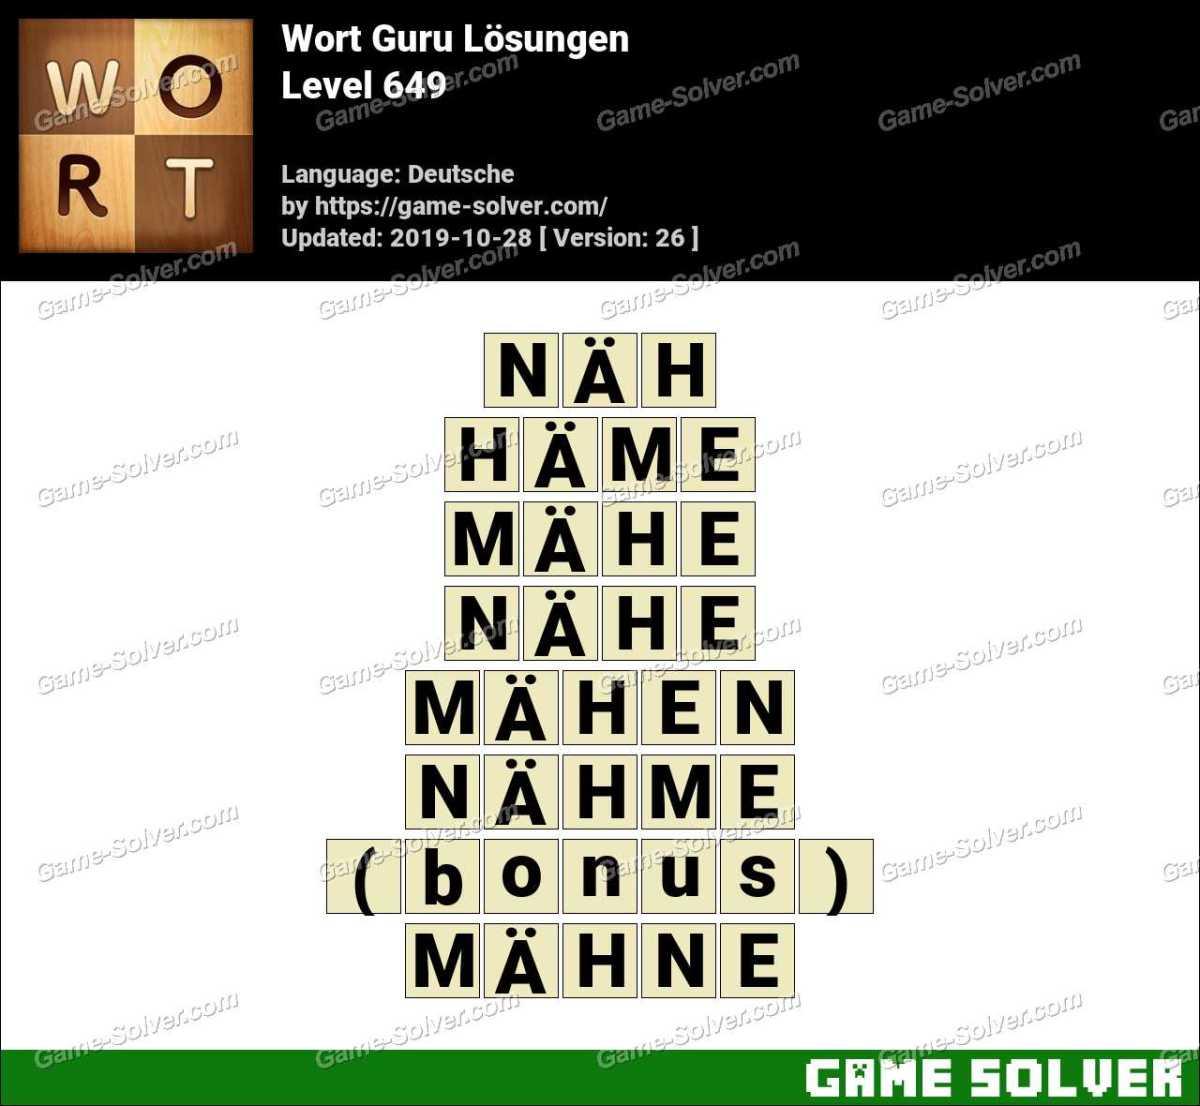 Wort Guru Level 649 Lösungen